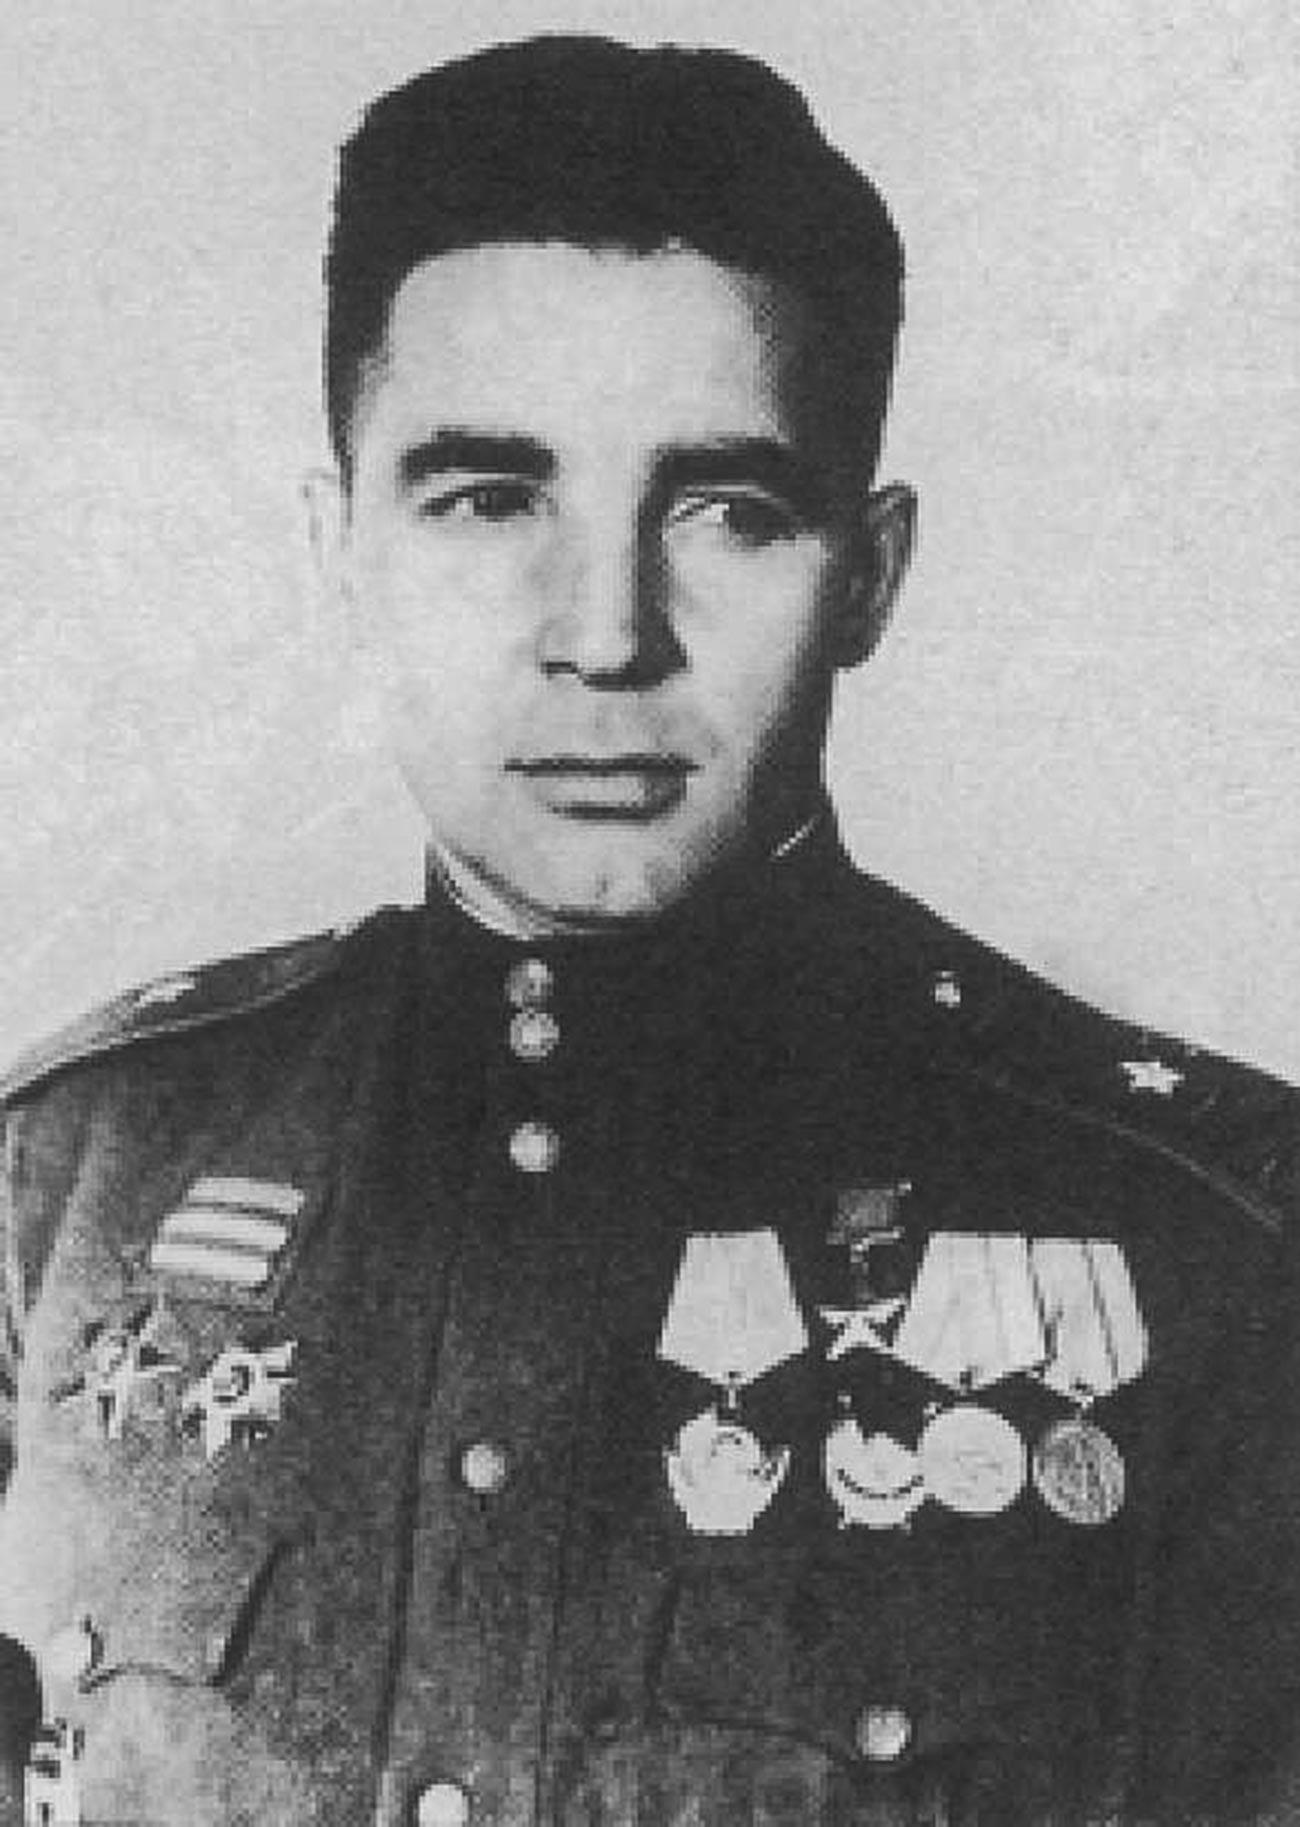 Poveljnik 49. gardijske strelske divizije generalmajor V. F. Margelov